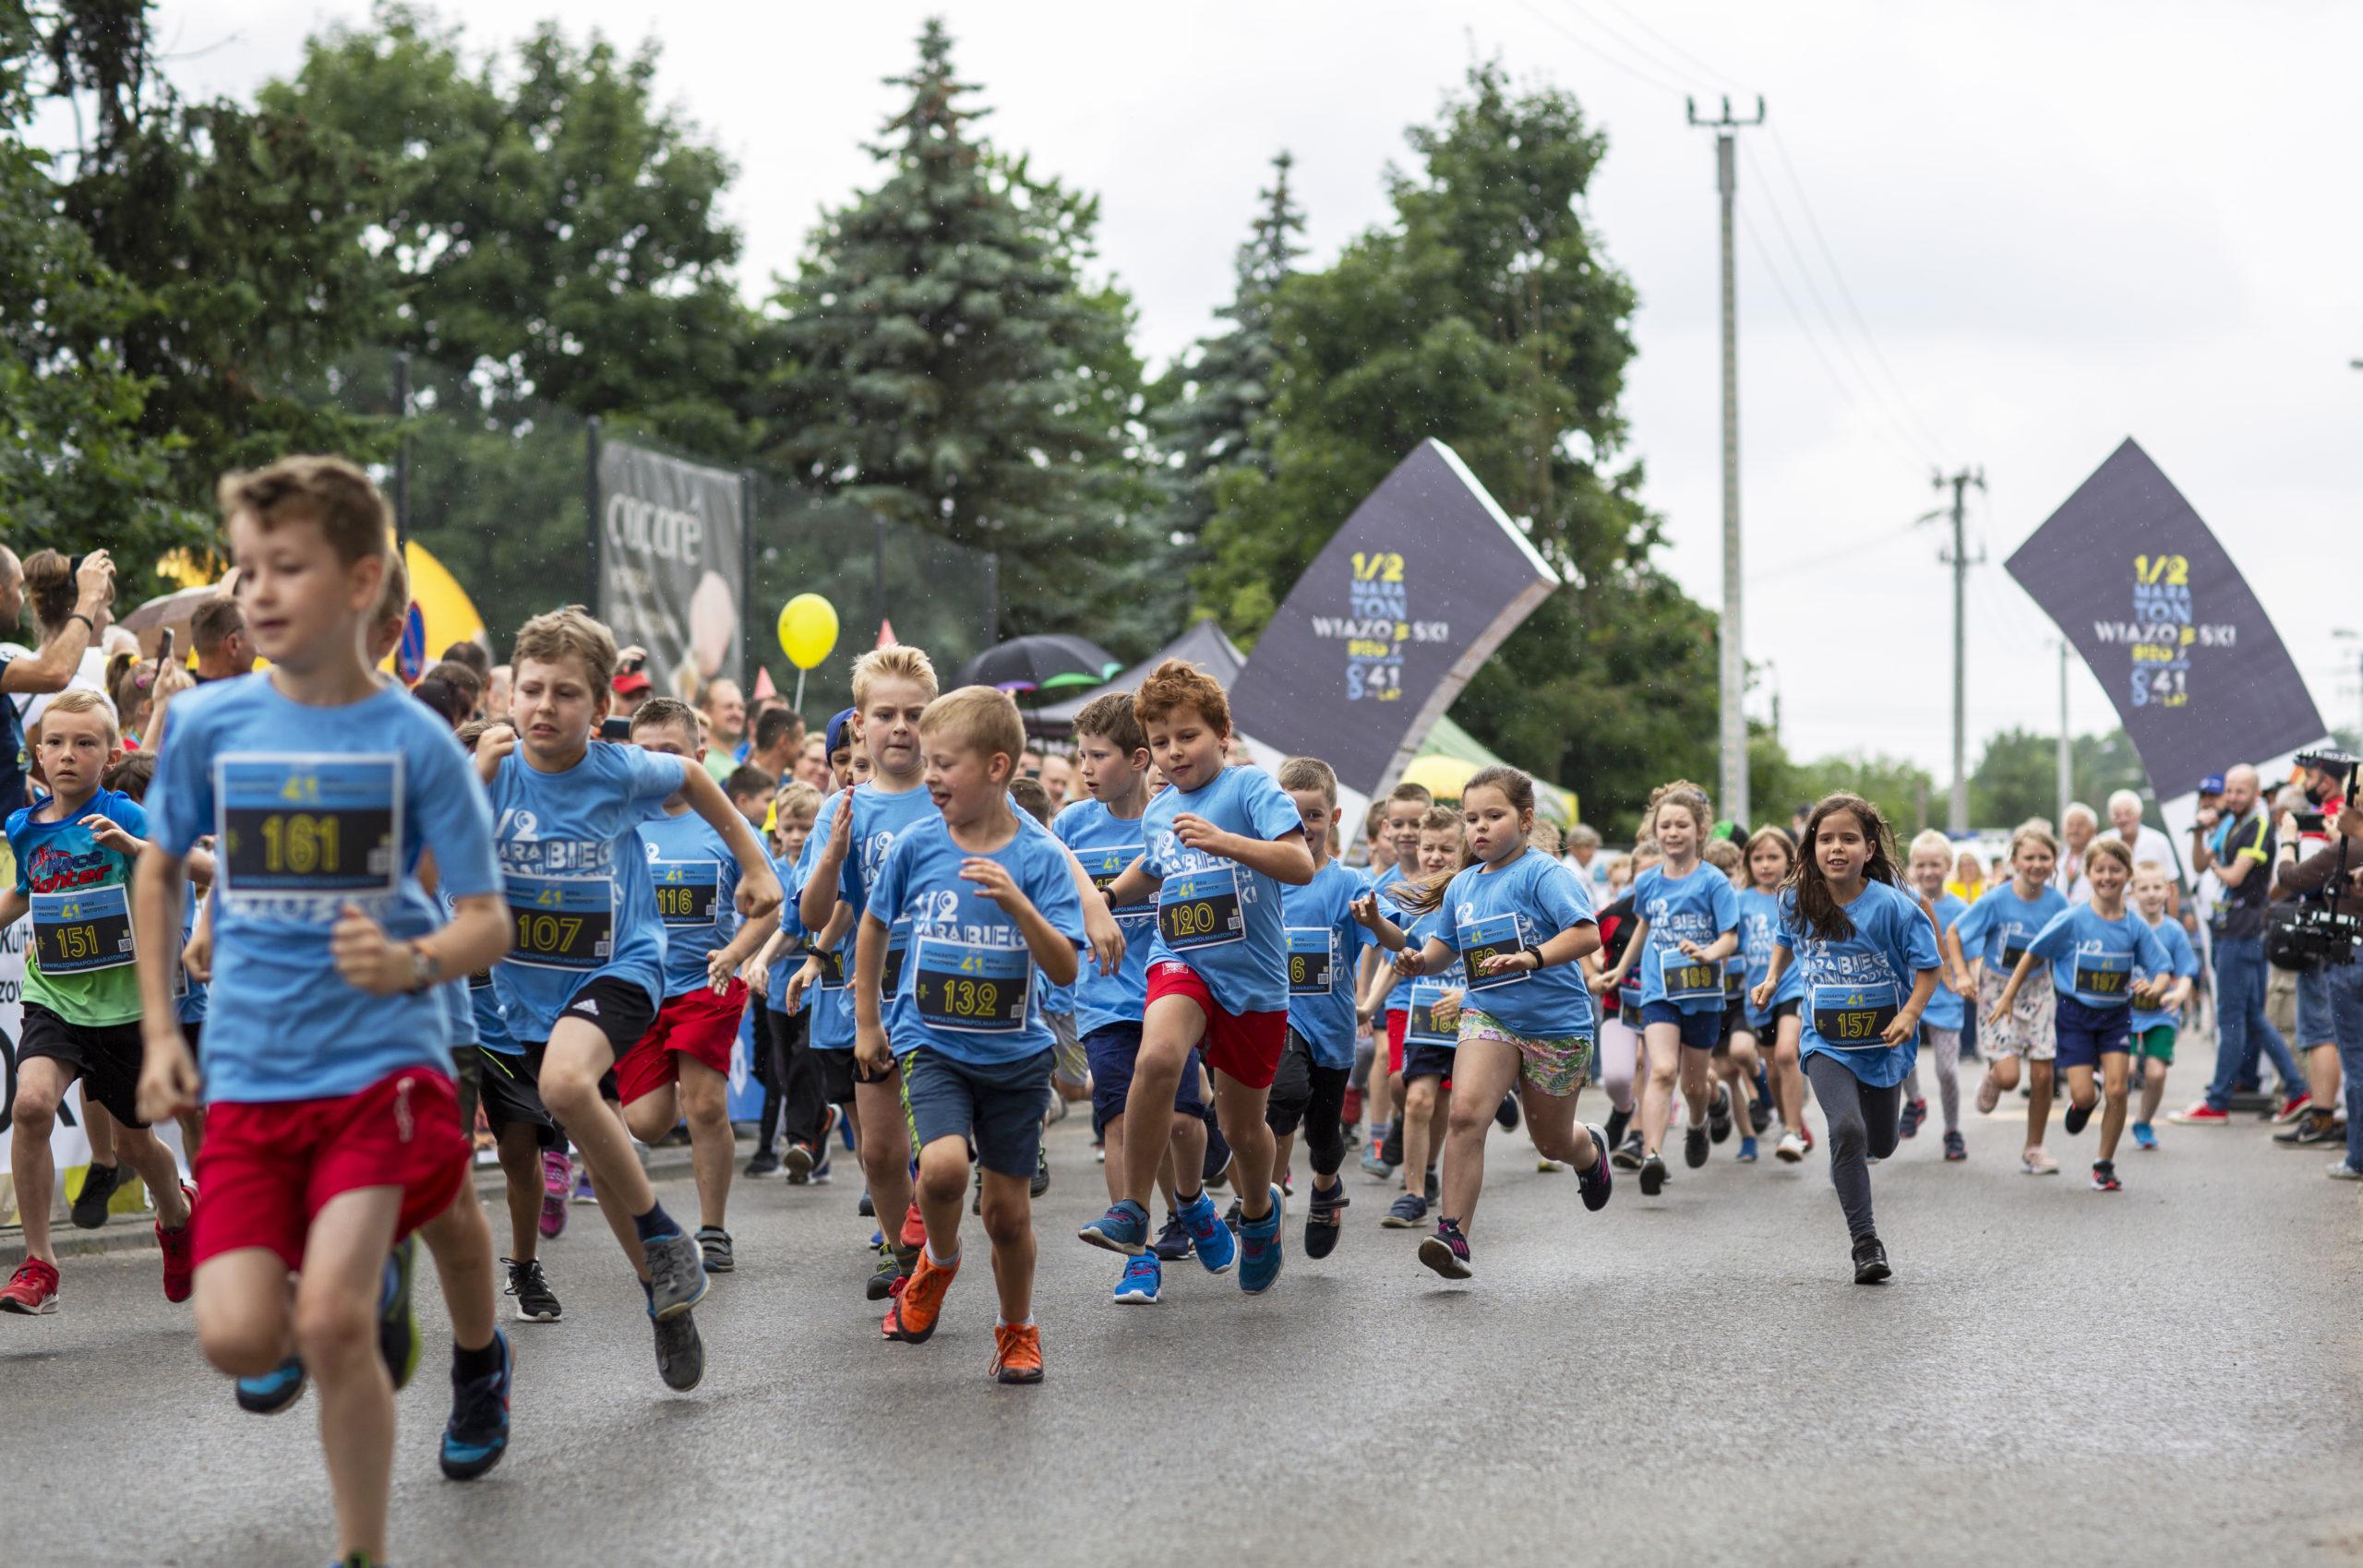 Bieg dziecięcy na 300 m